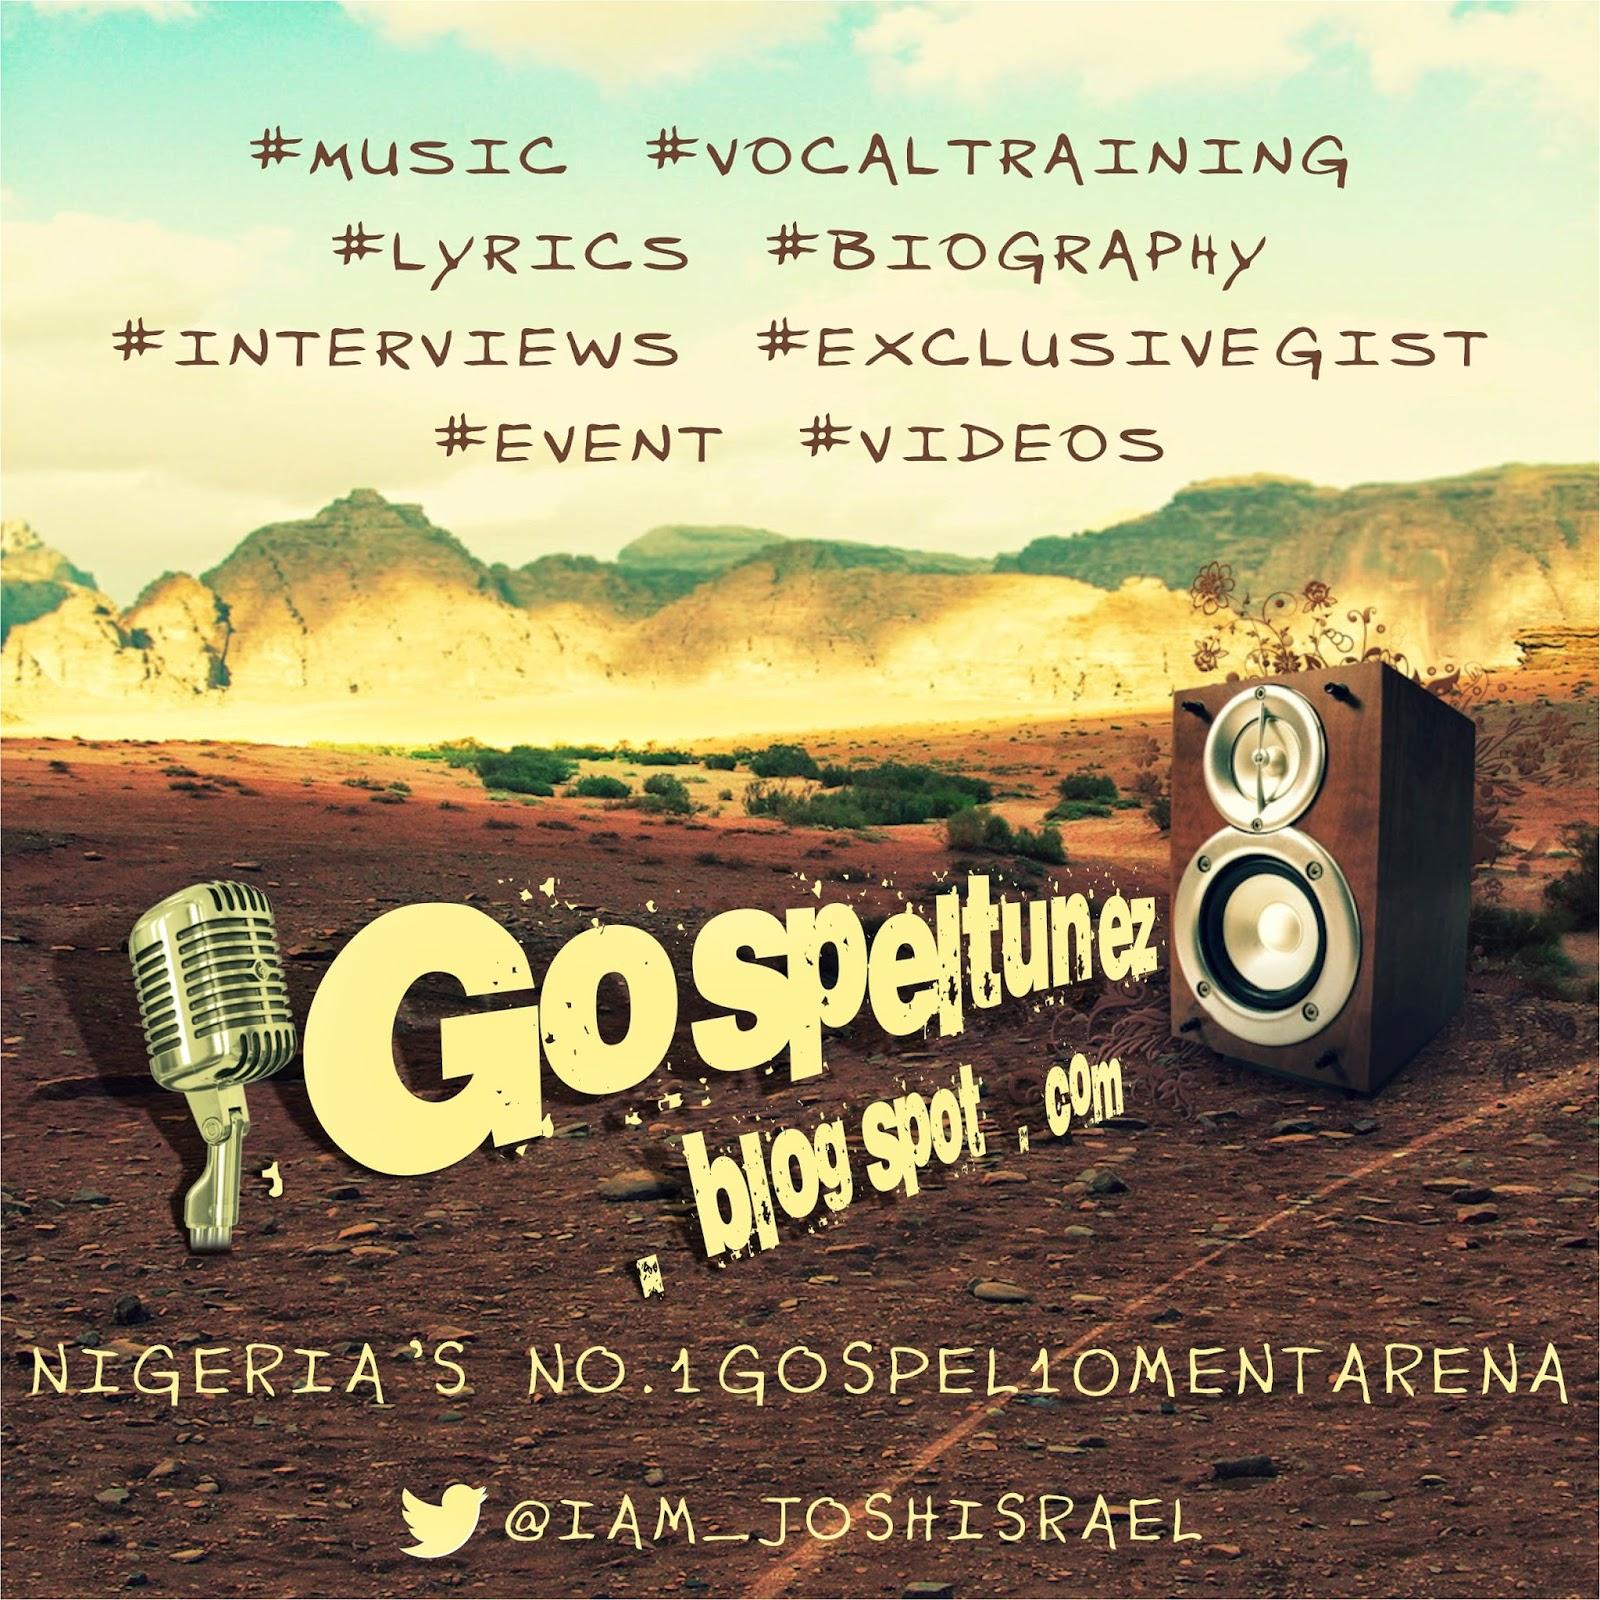 YOU ARE IGWE BY DAVID OMODUNMIJU | Nigeria #No1 Gospeltunez